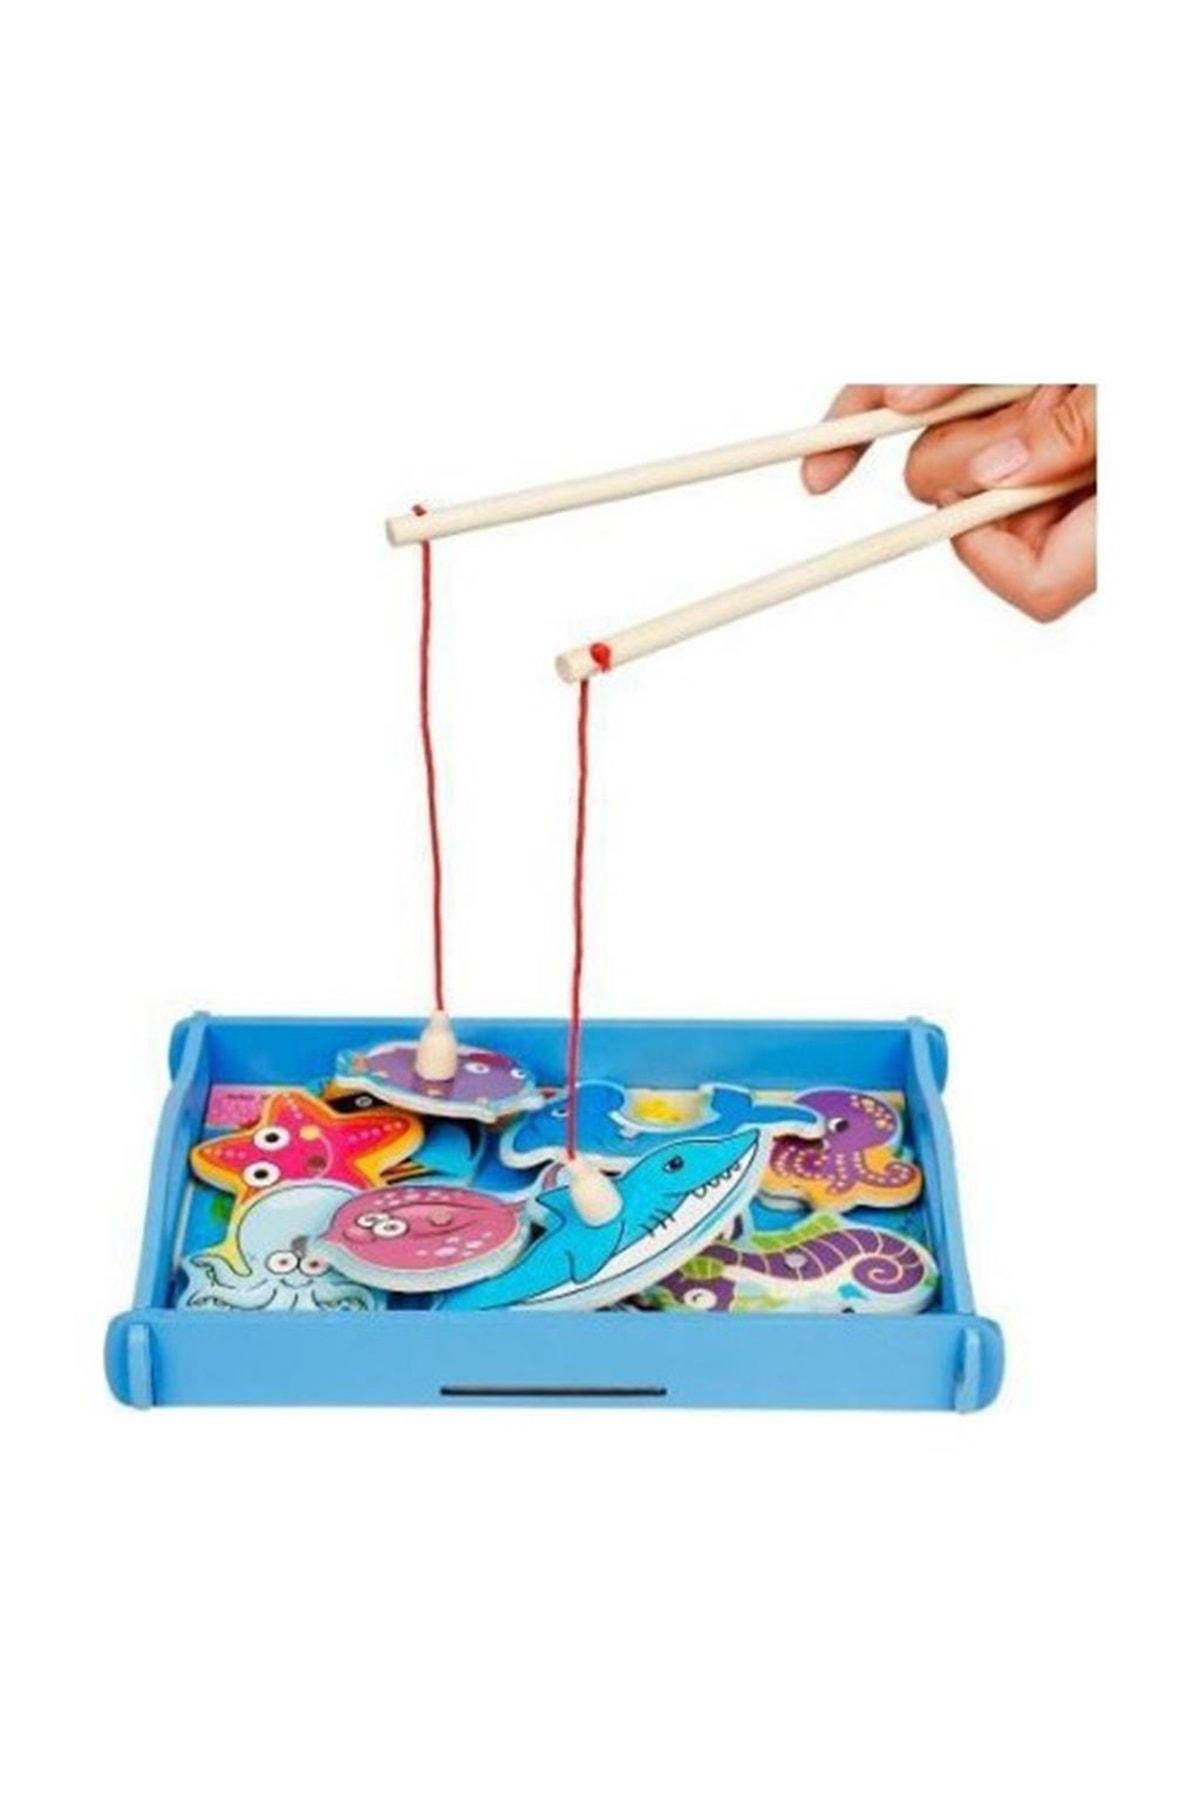 WoodyLife Ahşap Çocuk Oyuncak Balık Tutma Eğitici Zeka Geliştiren Oyuncak 1